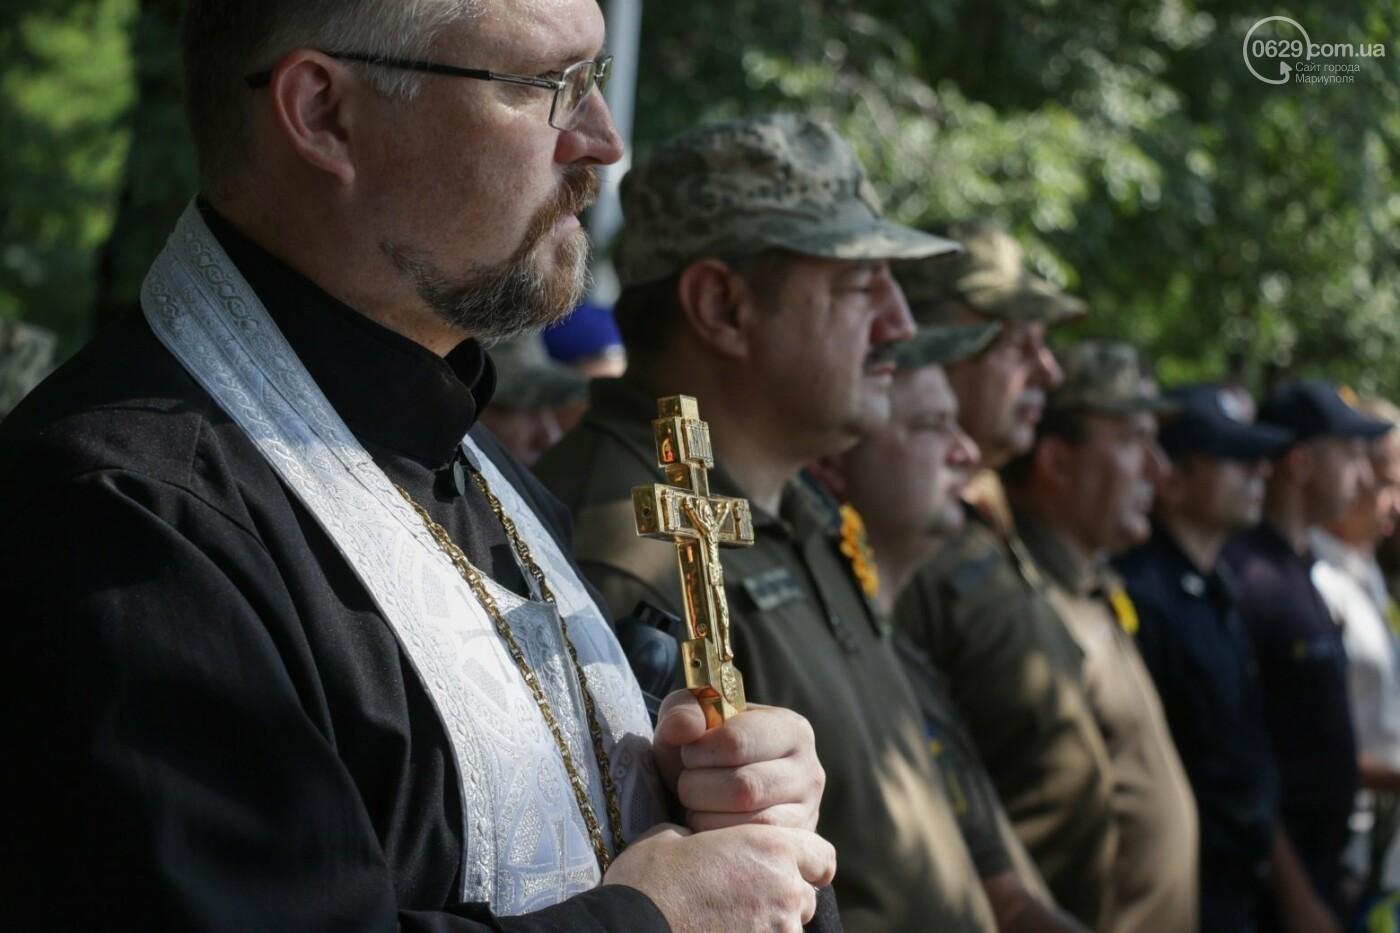 Общенациональная минута молчания. Как в Мариуполе почтили память защитников Украины, - ФОТОРЕПОРТАЖ, фото-22